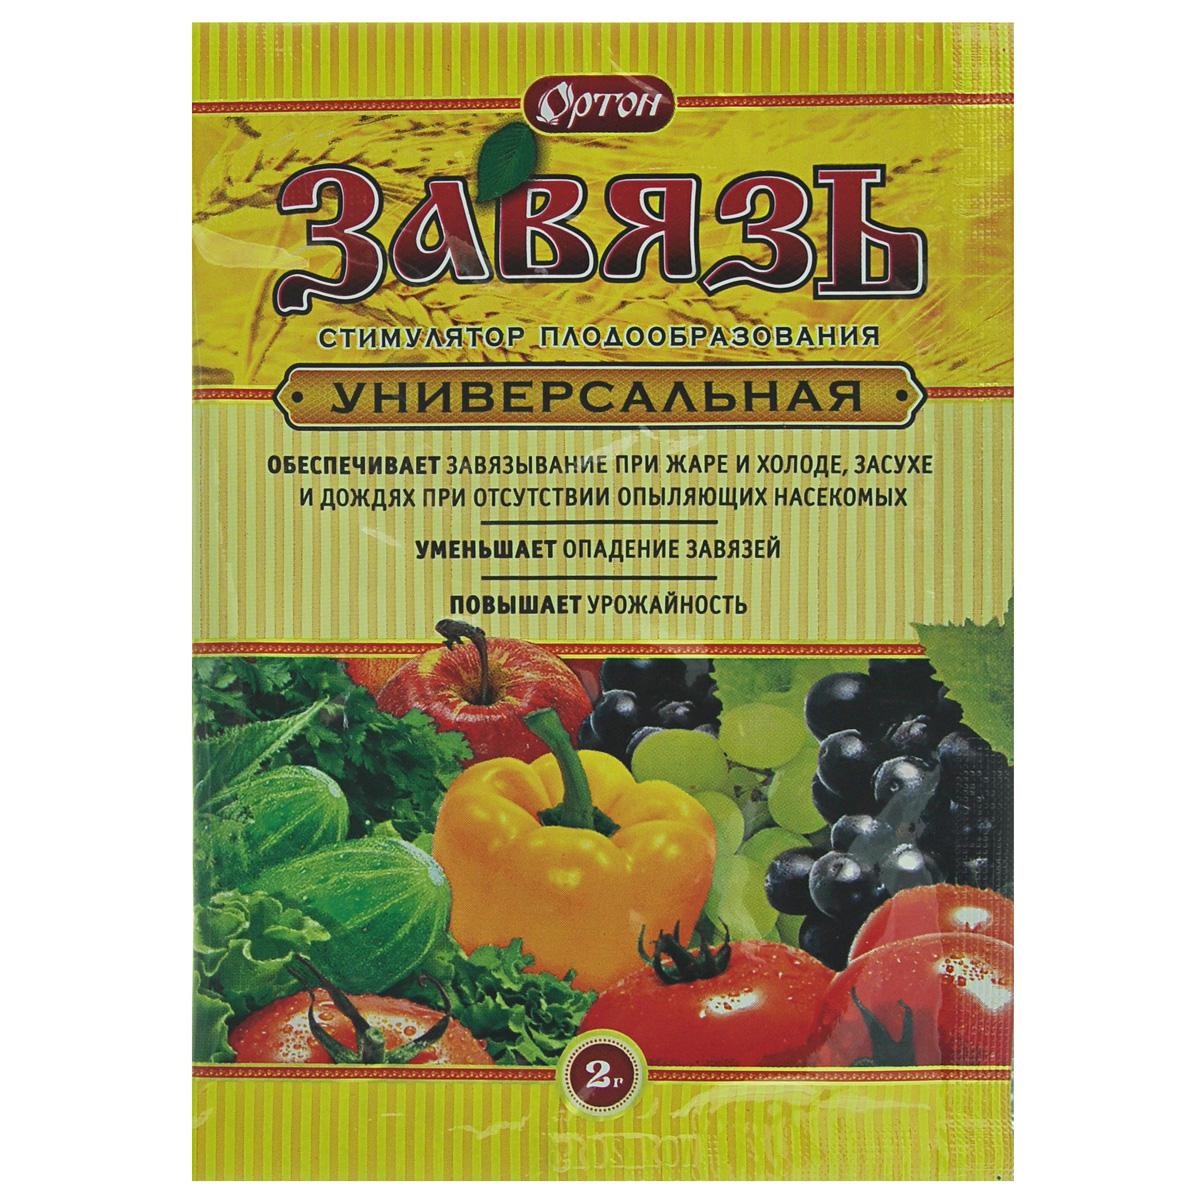 Стимулятор плодообразования Ортон Завязь универсальная, 2 гGCSP-8-60Стимулятор роста растений Ортон Завязь универсальная предназначен для применения на овощных и плодово-ягодных культурах. Улучшает завязывание плодов, предотвращает опадение завязей, ускоряет рост и созревание плодов, улучшает их качество, повышает урожайность на 15-30%. Эффективен при неблагоприятных для завязывания условиях. Класс опасности 3 (умеренно опасные вещества). Способ приготовления раствора указан на упаковке. Товар сертифицирован.